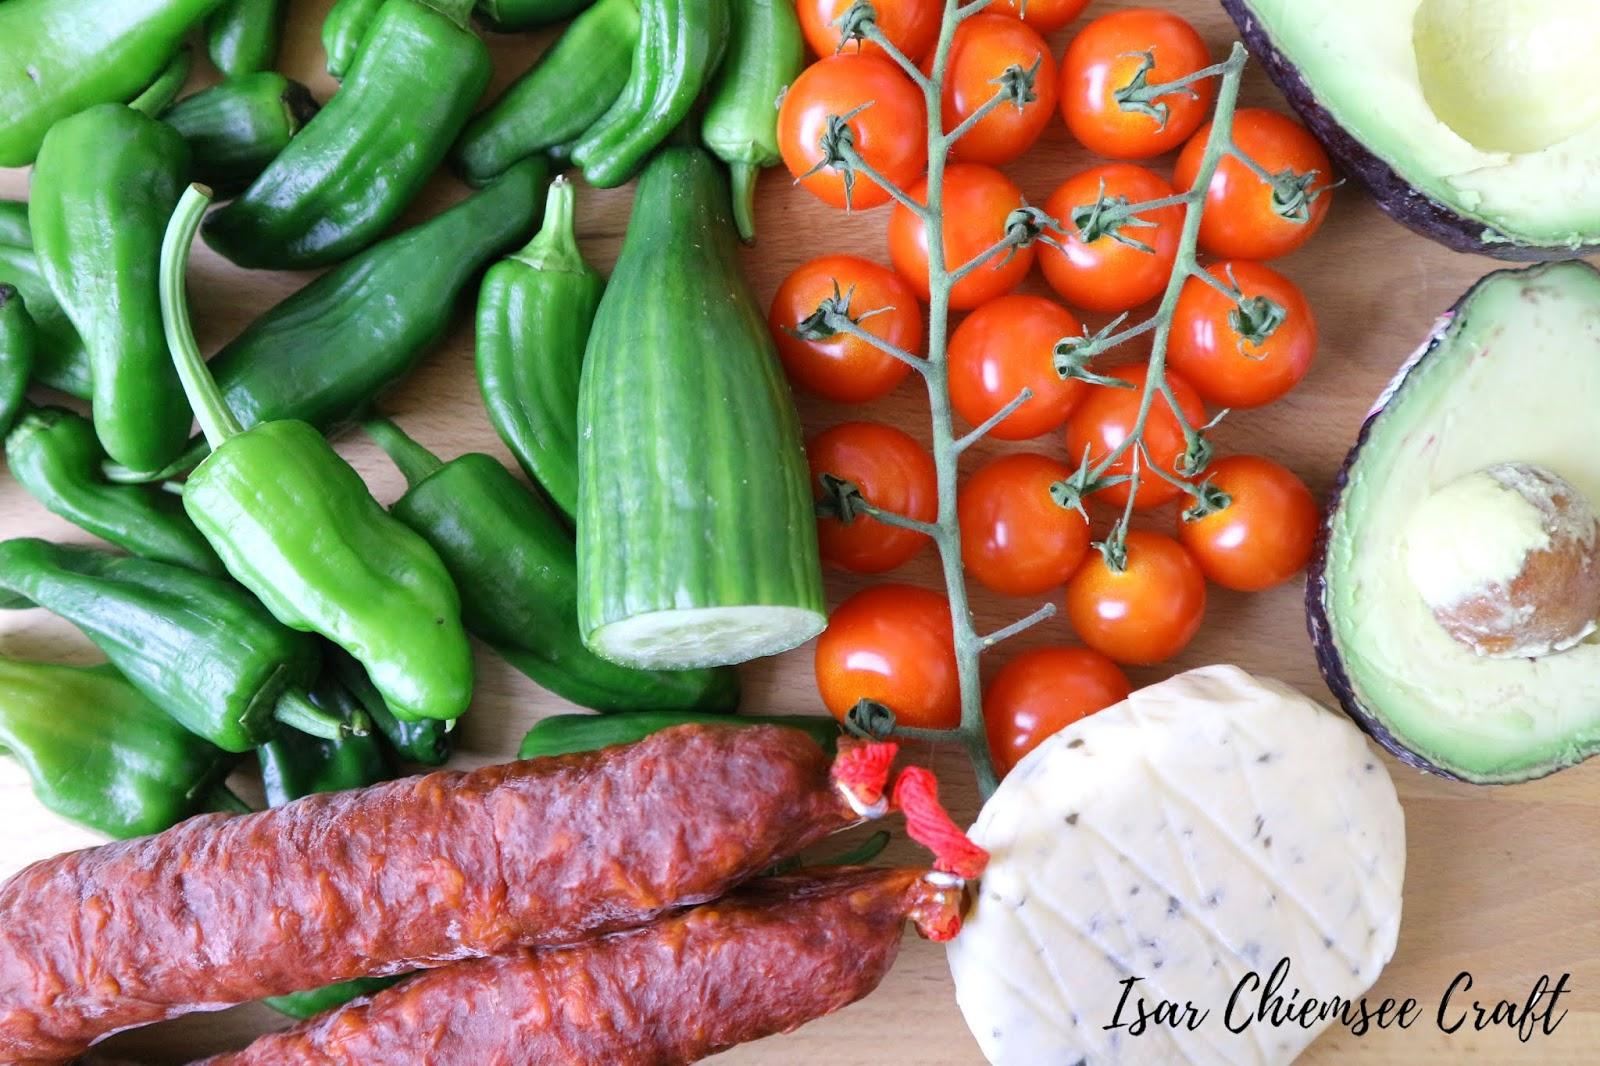 Aufgespießt: 3 Varianten für vegetarische und nicht vegetarische Grillspieße